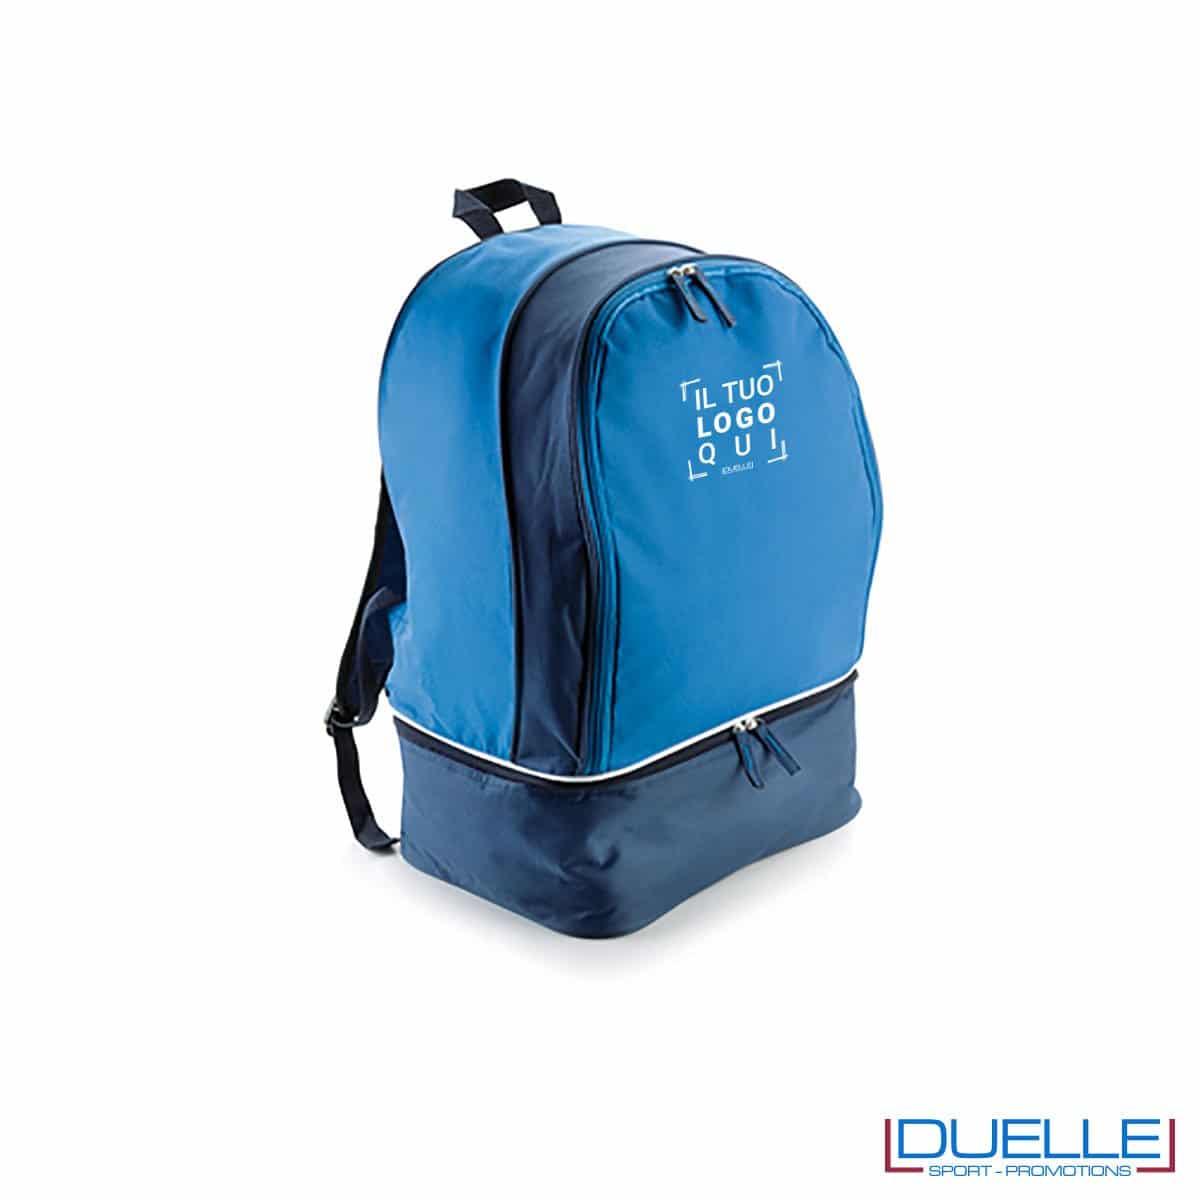 zaino sportivo personalizzato con porta scarpe in colore blu royal, zaini personalizzati per palestre e piscine blu royal